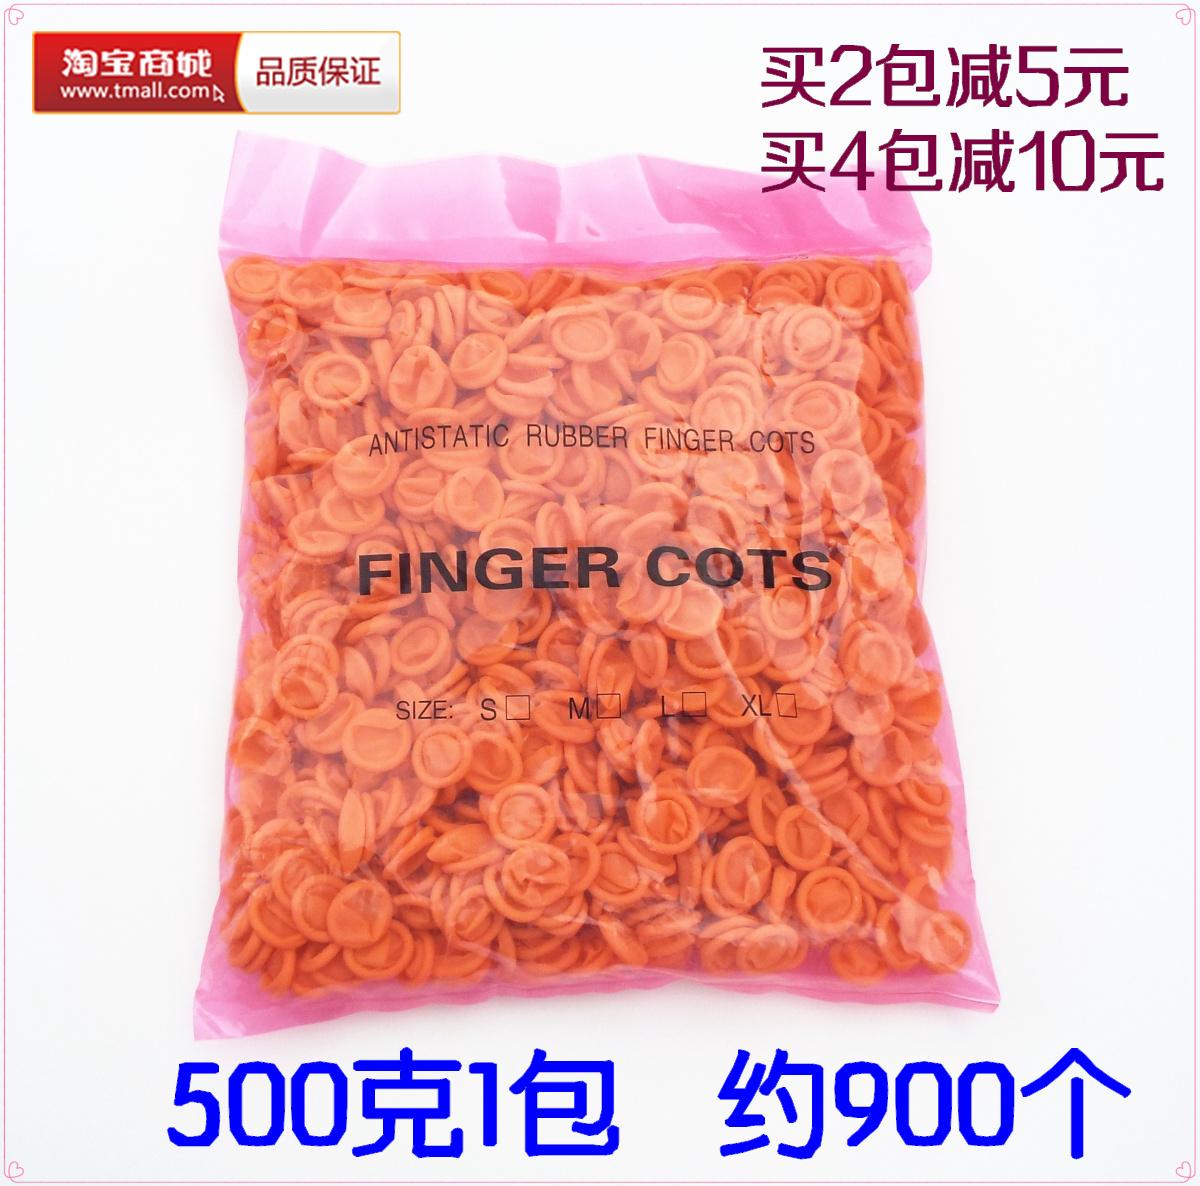 одноразовые латексные палец рукав резиновые антистатические очистки электронной промышленности труда красоты гвоздь палец рукав